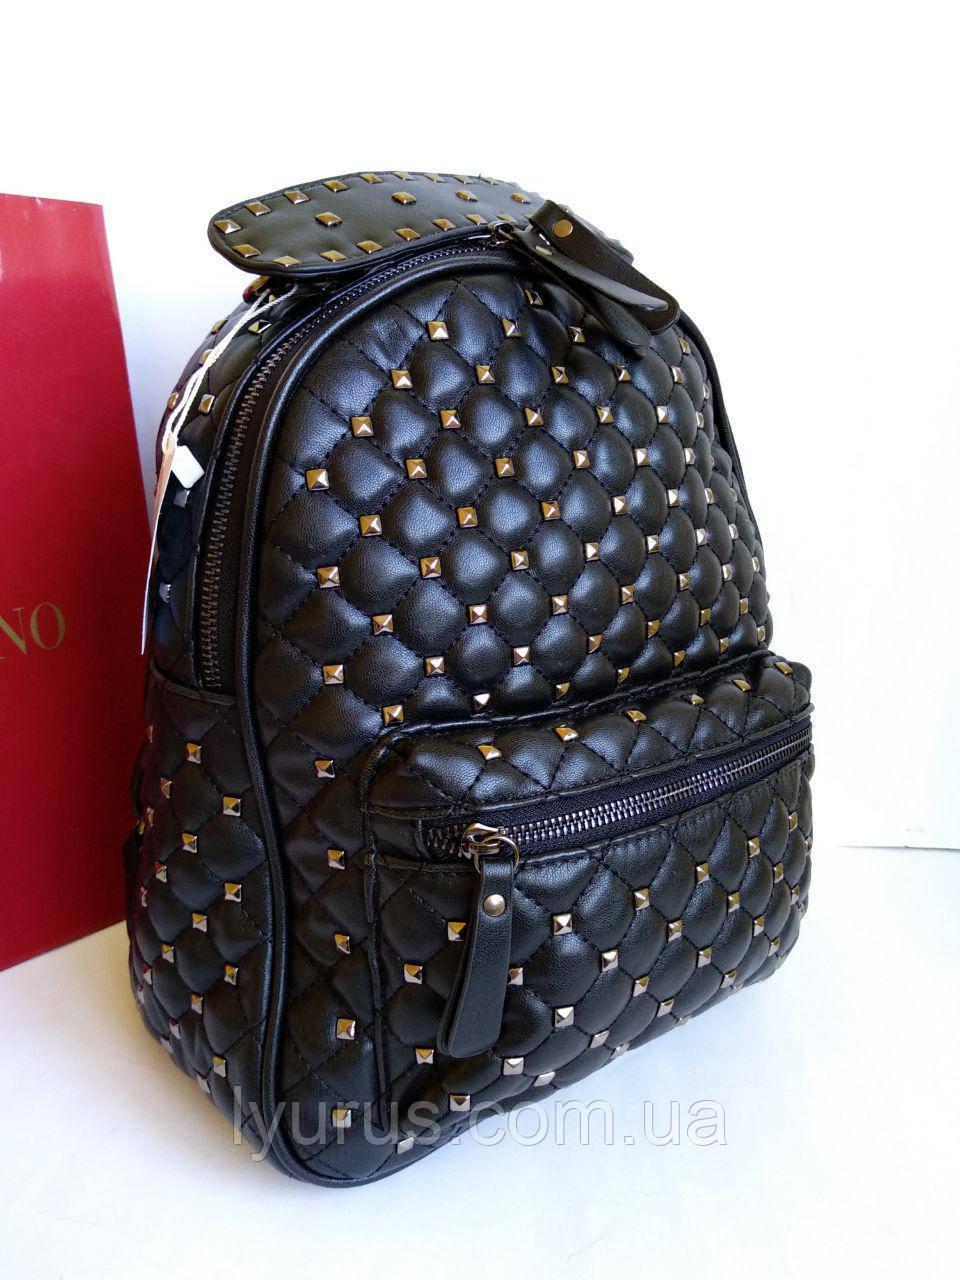 Жіночий рюкзак Valentino Garavani повсякденний чорний